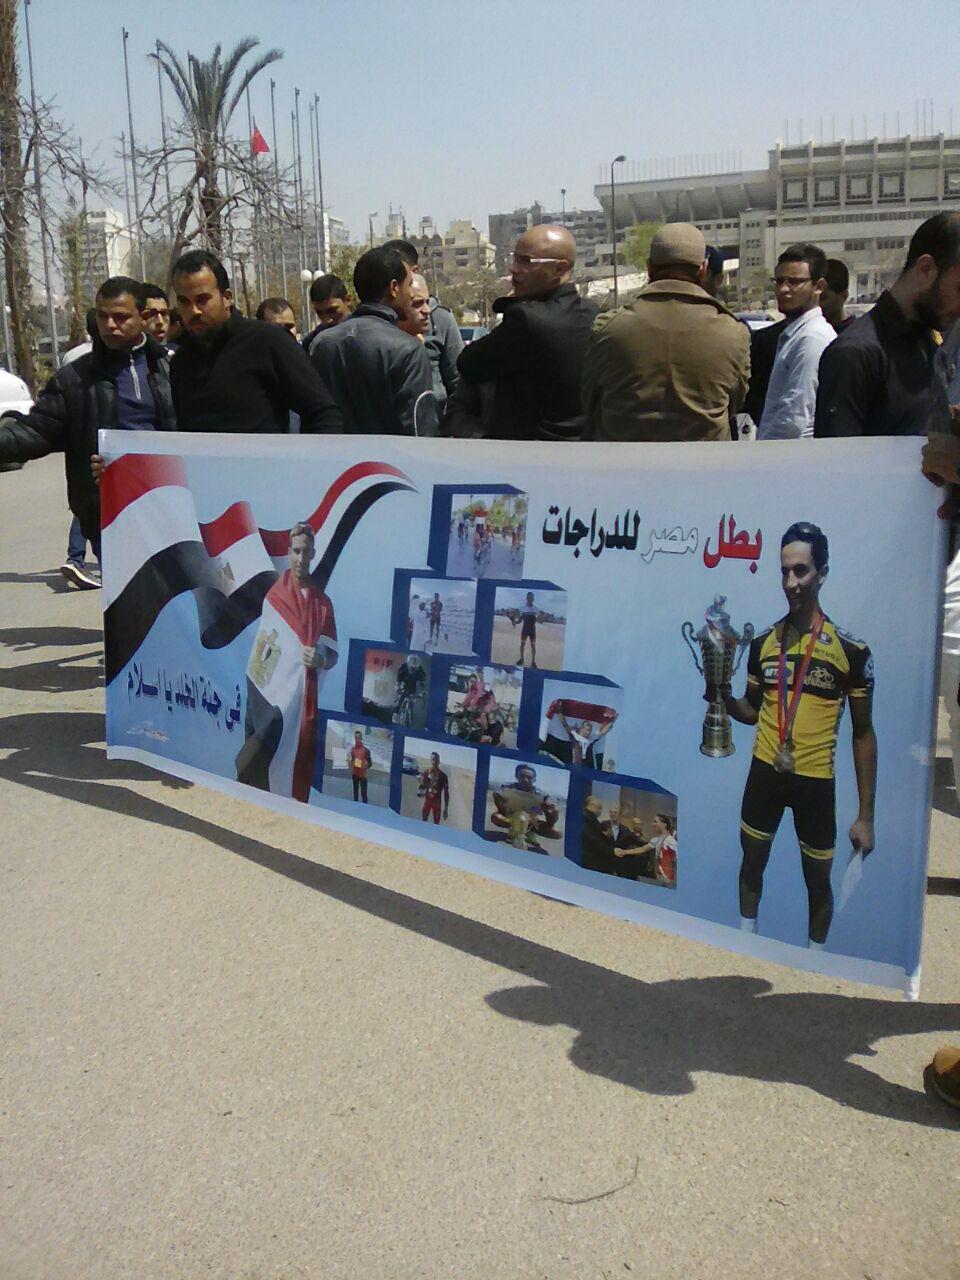 اهل أسلام يرفعون لافتة امام الاوليمبية